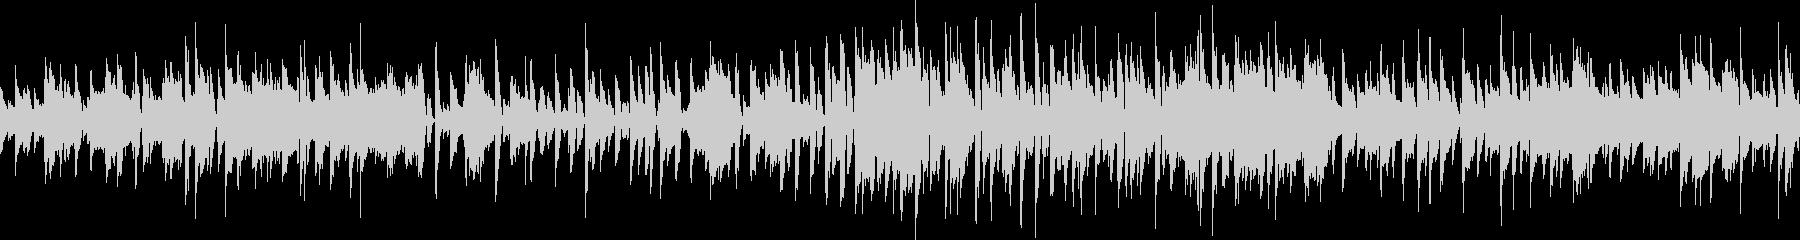 カジノミュージック (ループ仕様)の未再生の波形